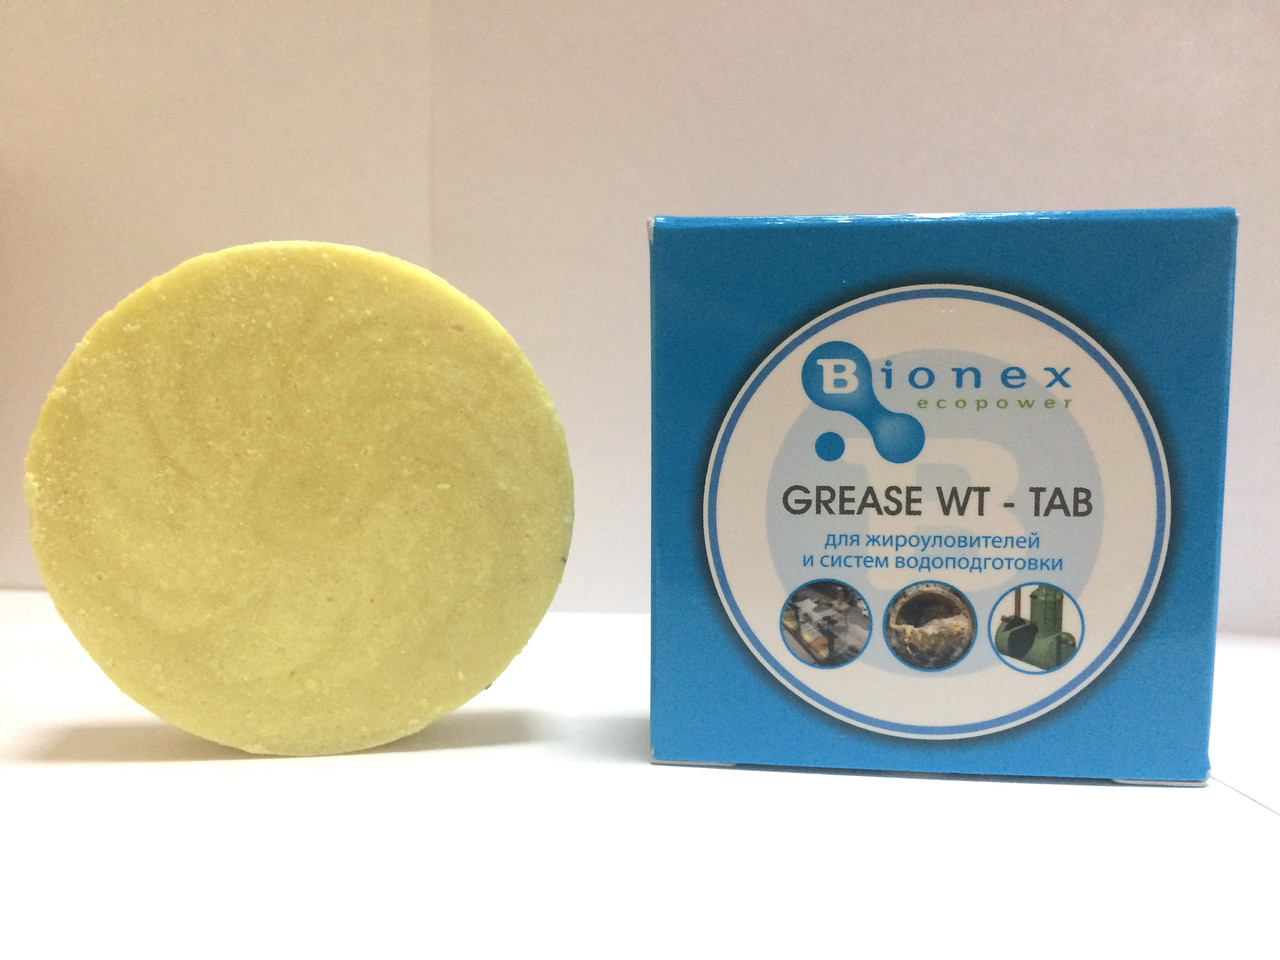 Для жироуловителей и ресторанов Bionex бионекс Grease WT Tab